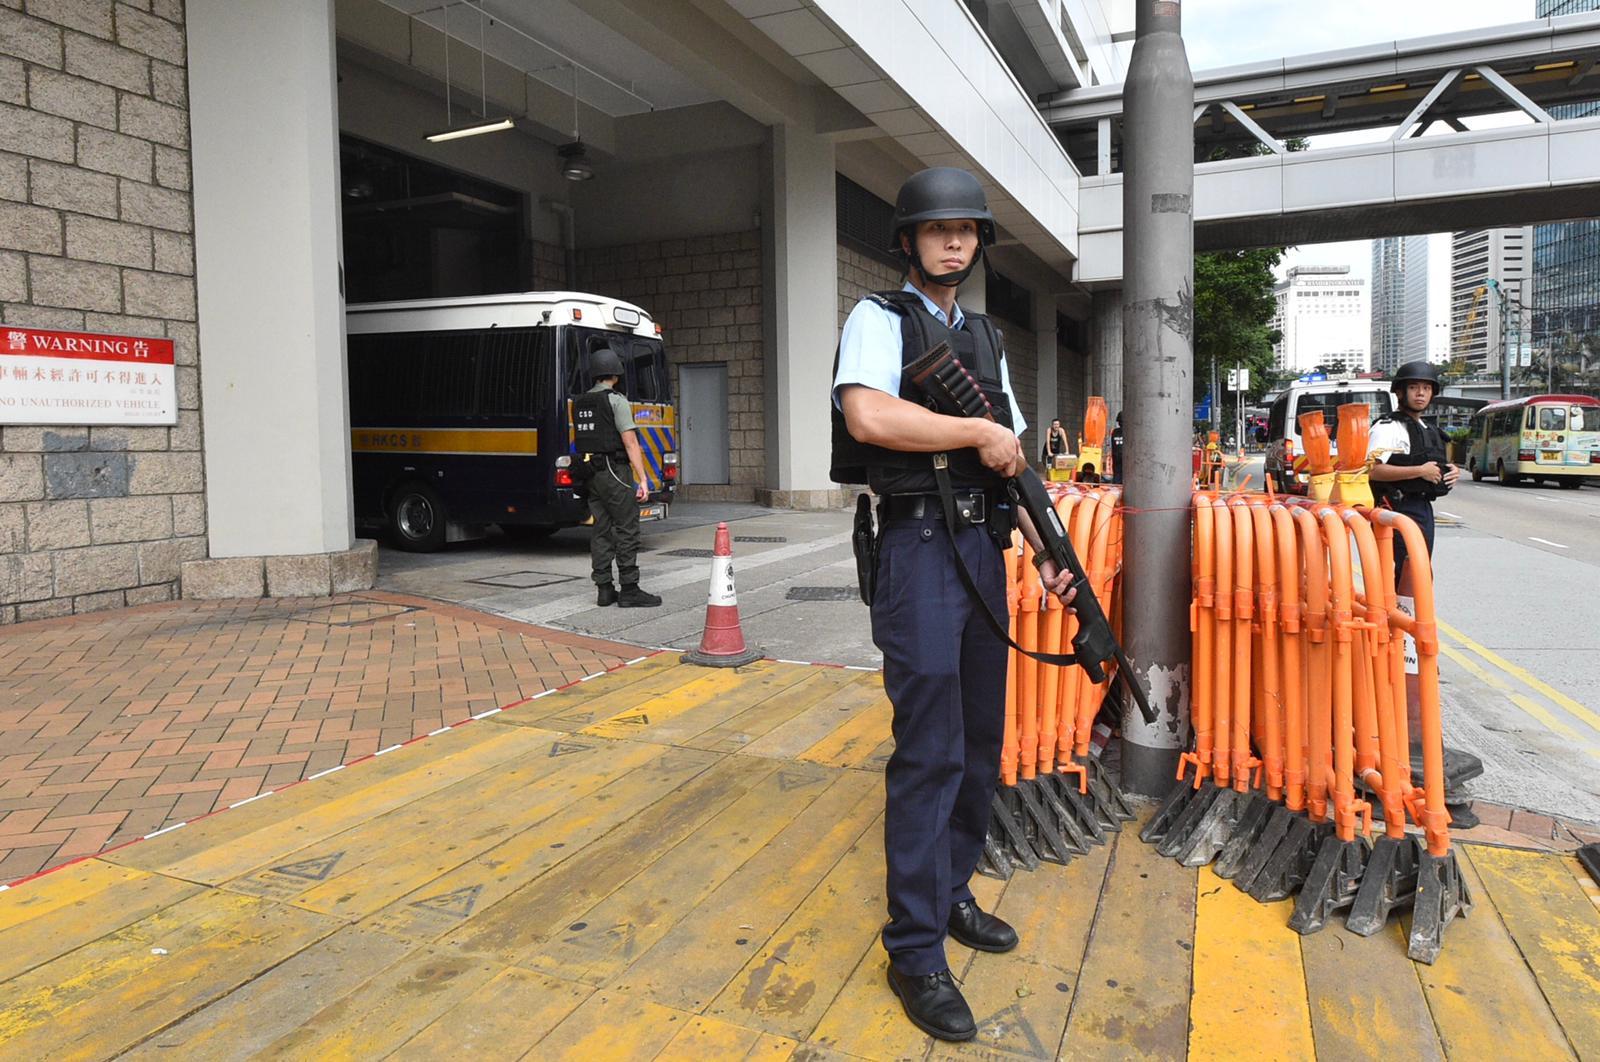 【逃犯条例】保安员被控袭警及管有爆炸品 准1万元保释